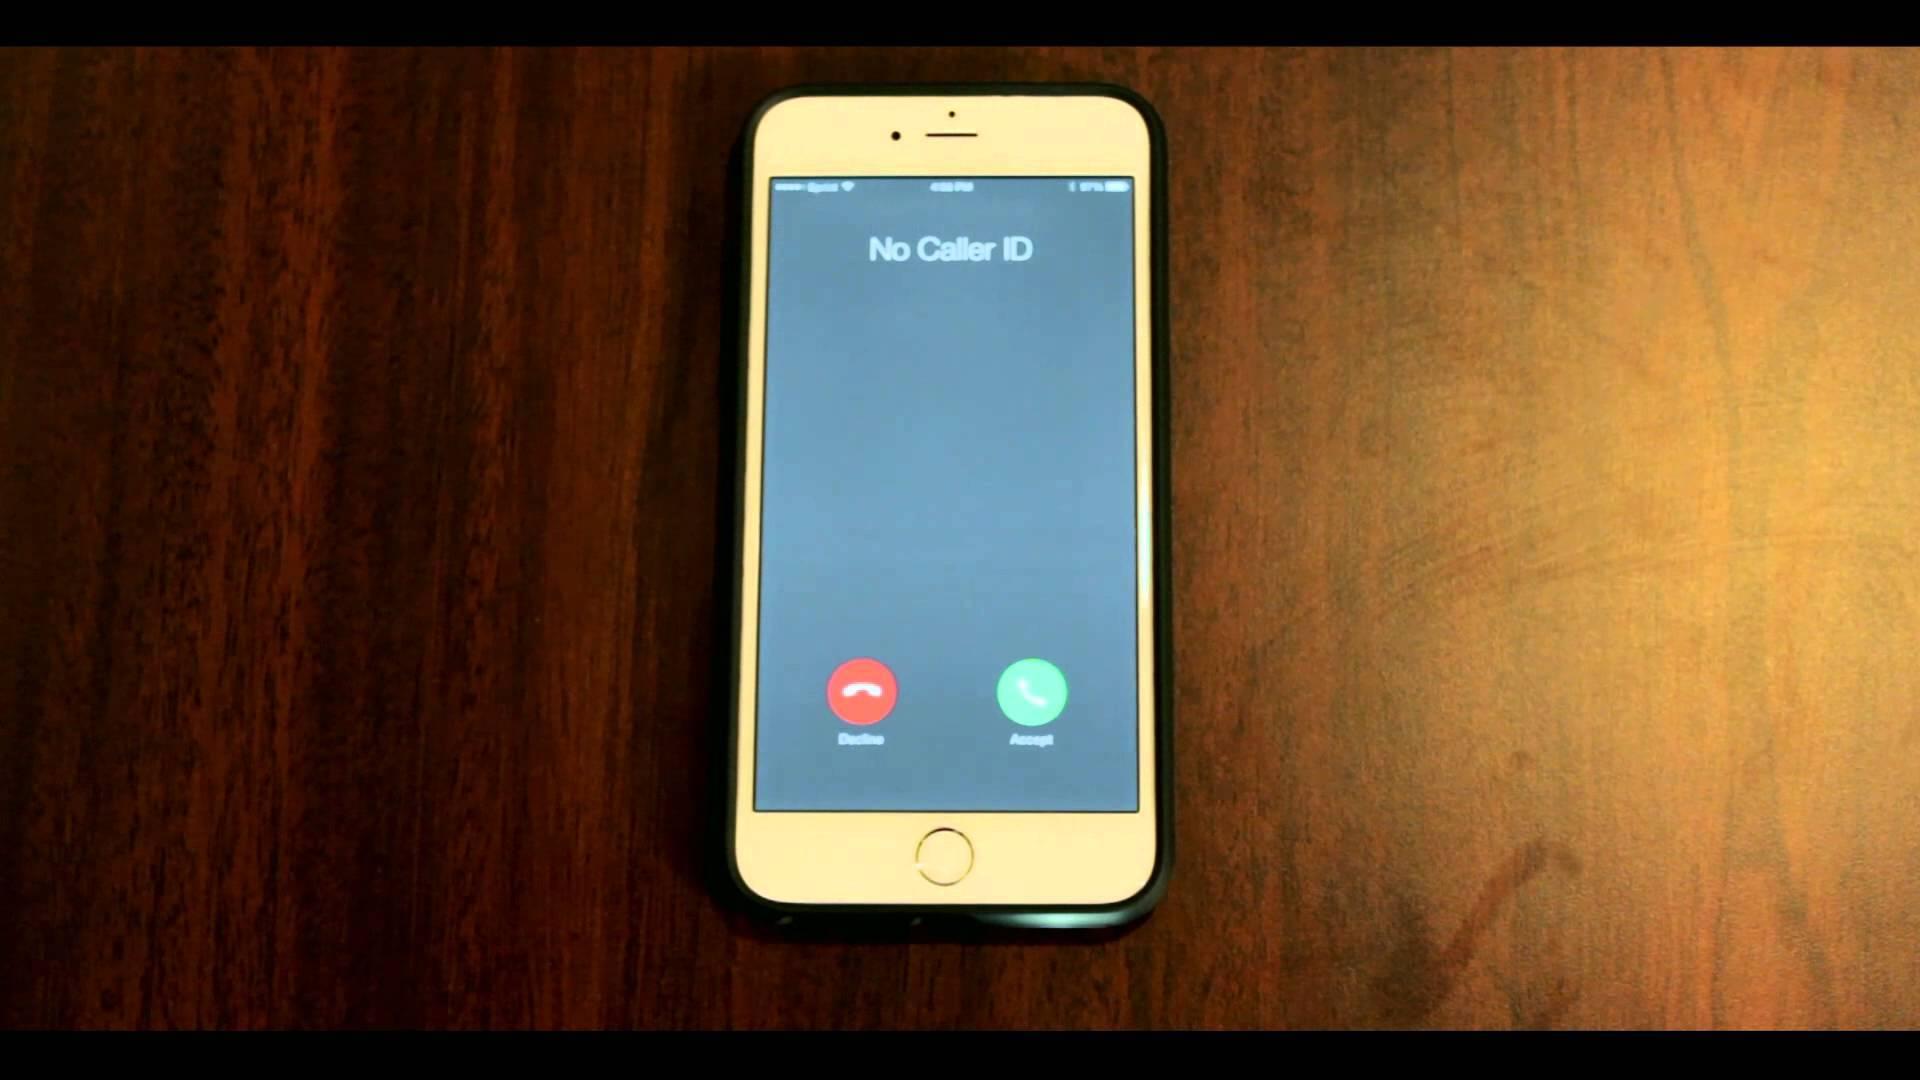 Come scoprire chi ha chiamato con lo sconosciuto